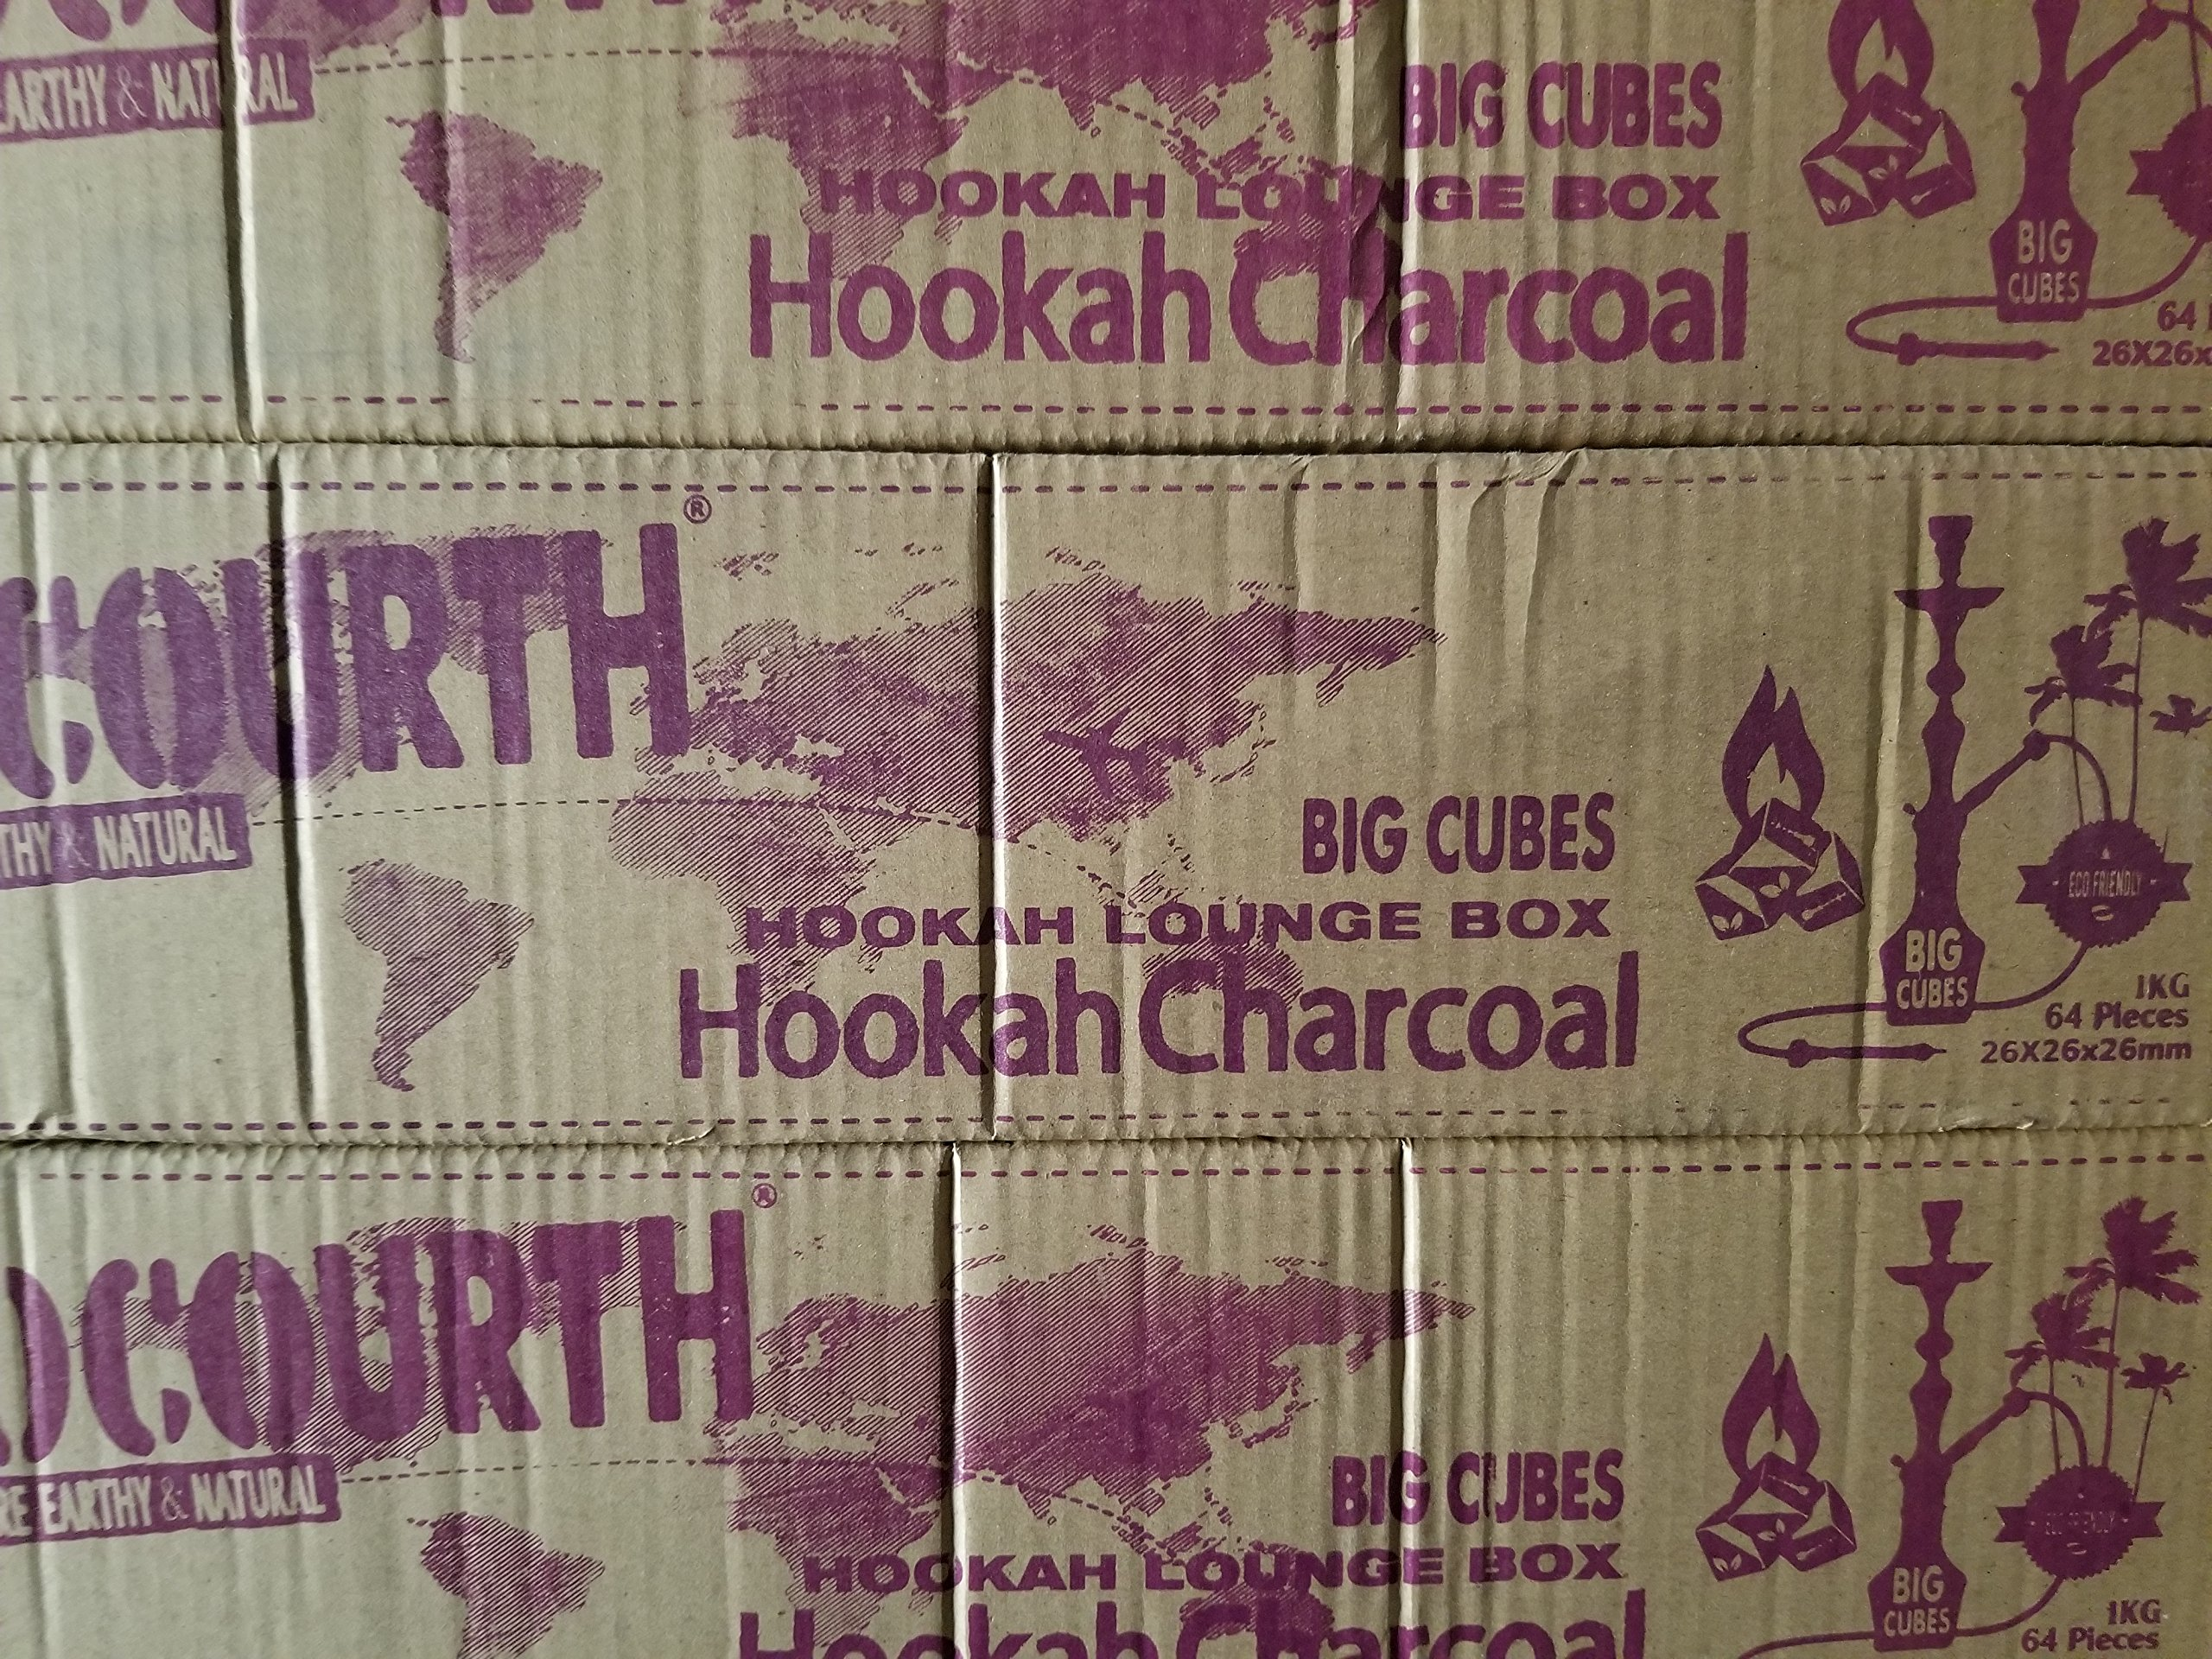 BIG CUBES CocoUrth Coals Hookah Lounge Case Hookah Natural Coconut Charcoal 640 Pieces BIG Cube Nara 10 Kilo Shisha Coal